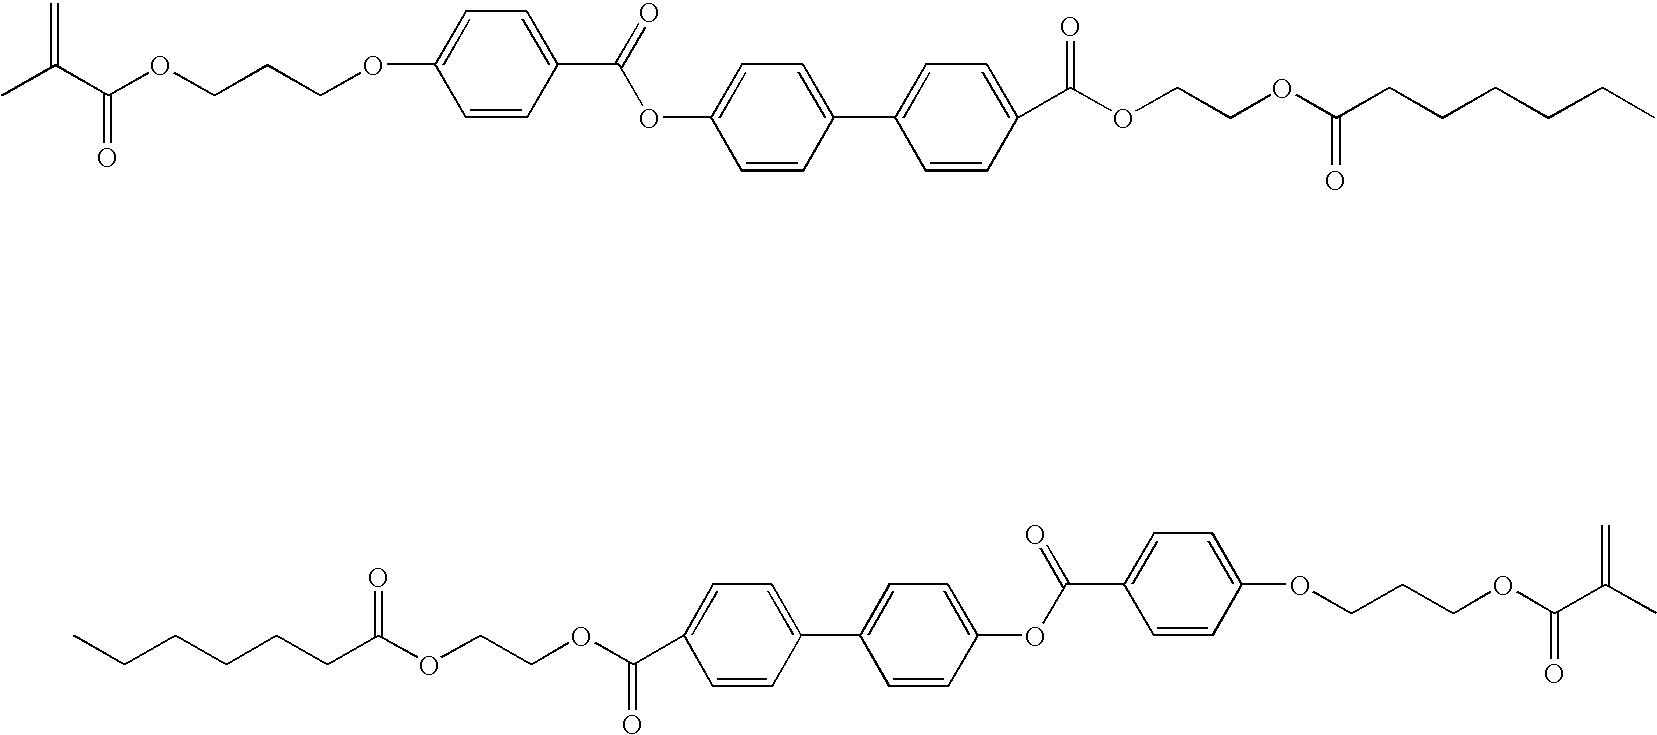 Figure US20100014010A1-20100121-C00023